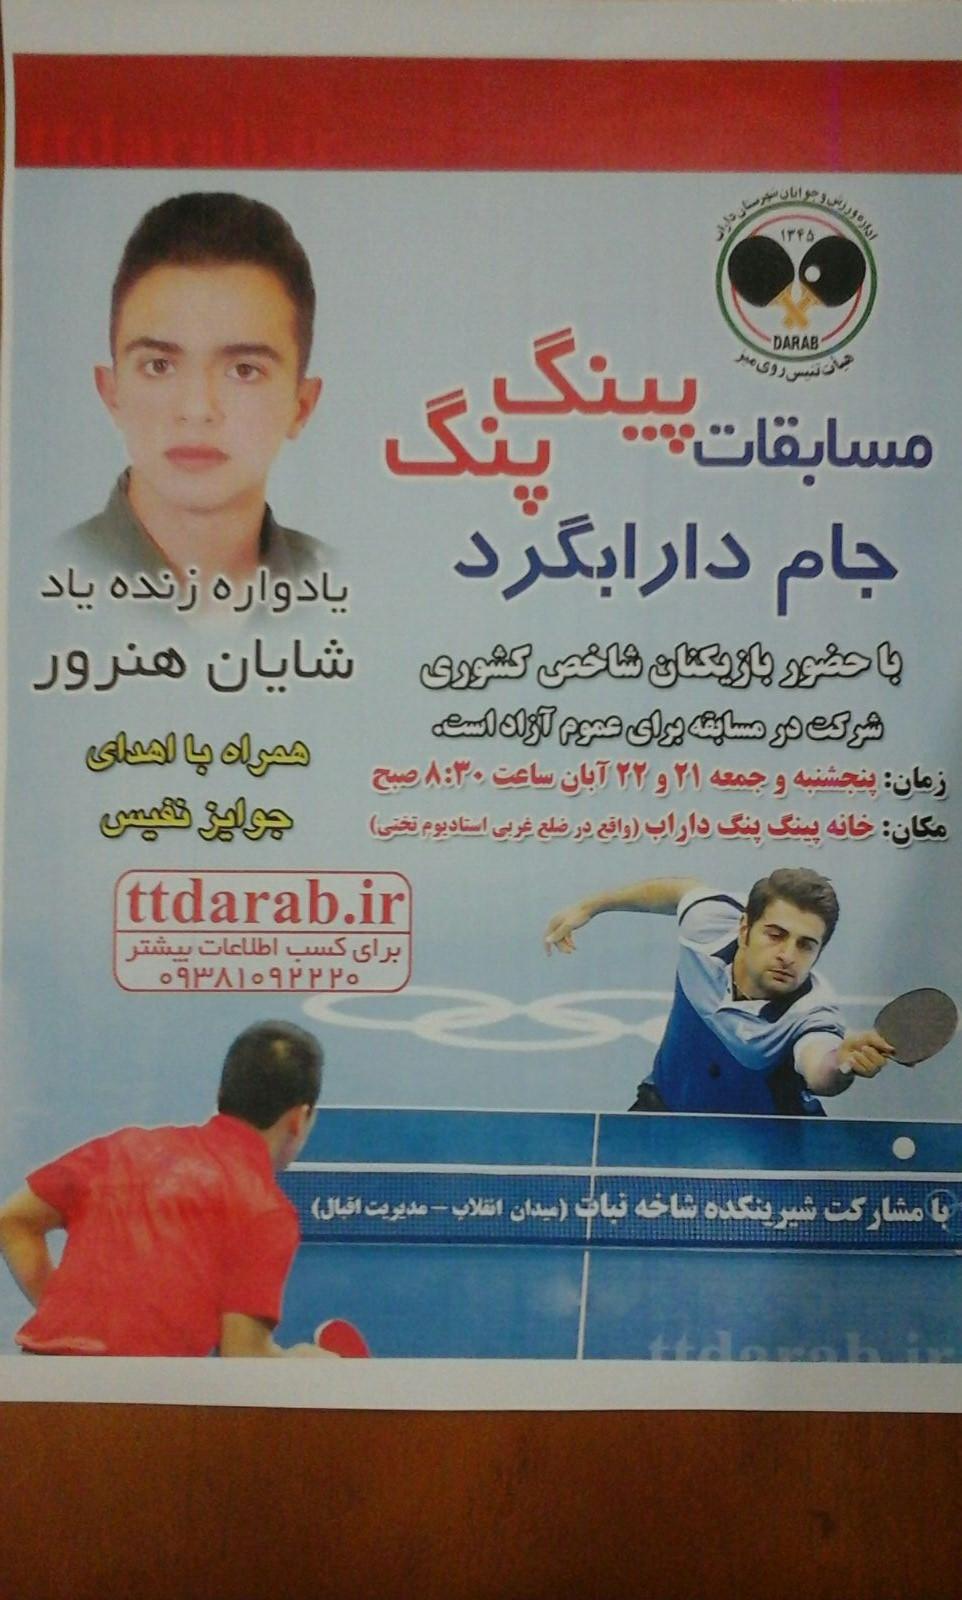 برگزاری مسابقه پینگ پنگ جام دارابگرد یادوار مرحوم شایان هنرور در داراب